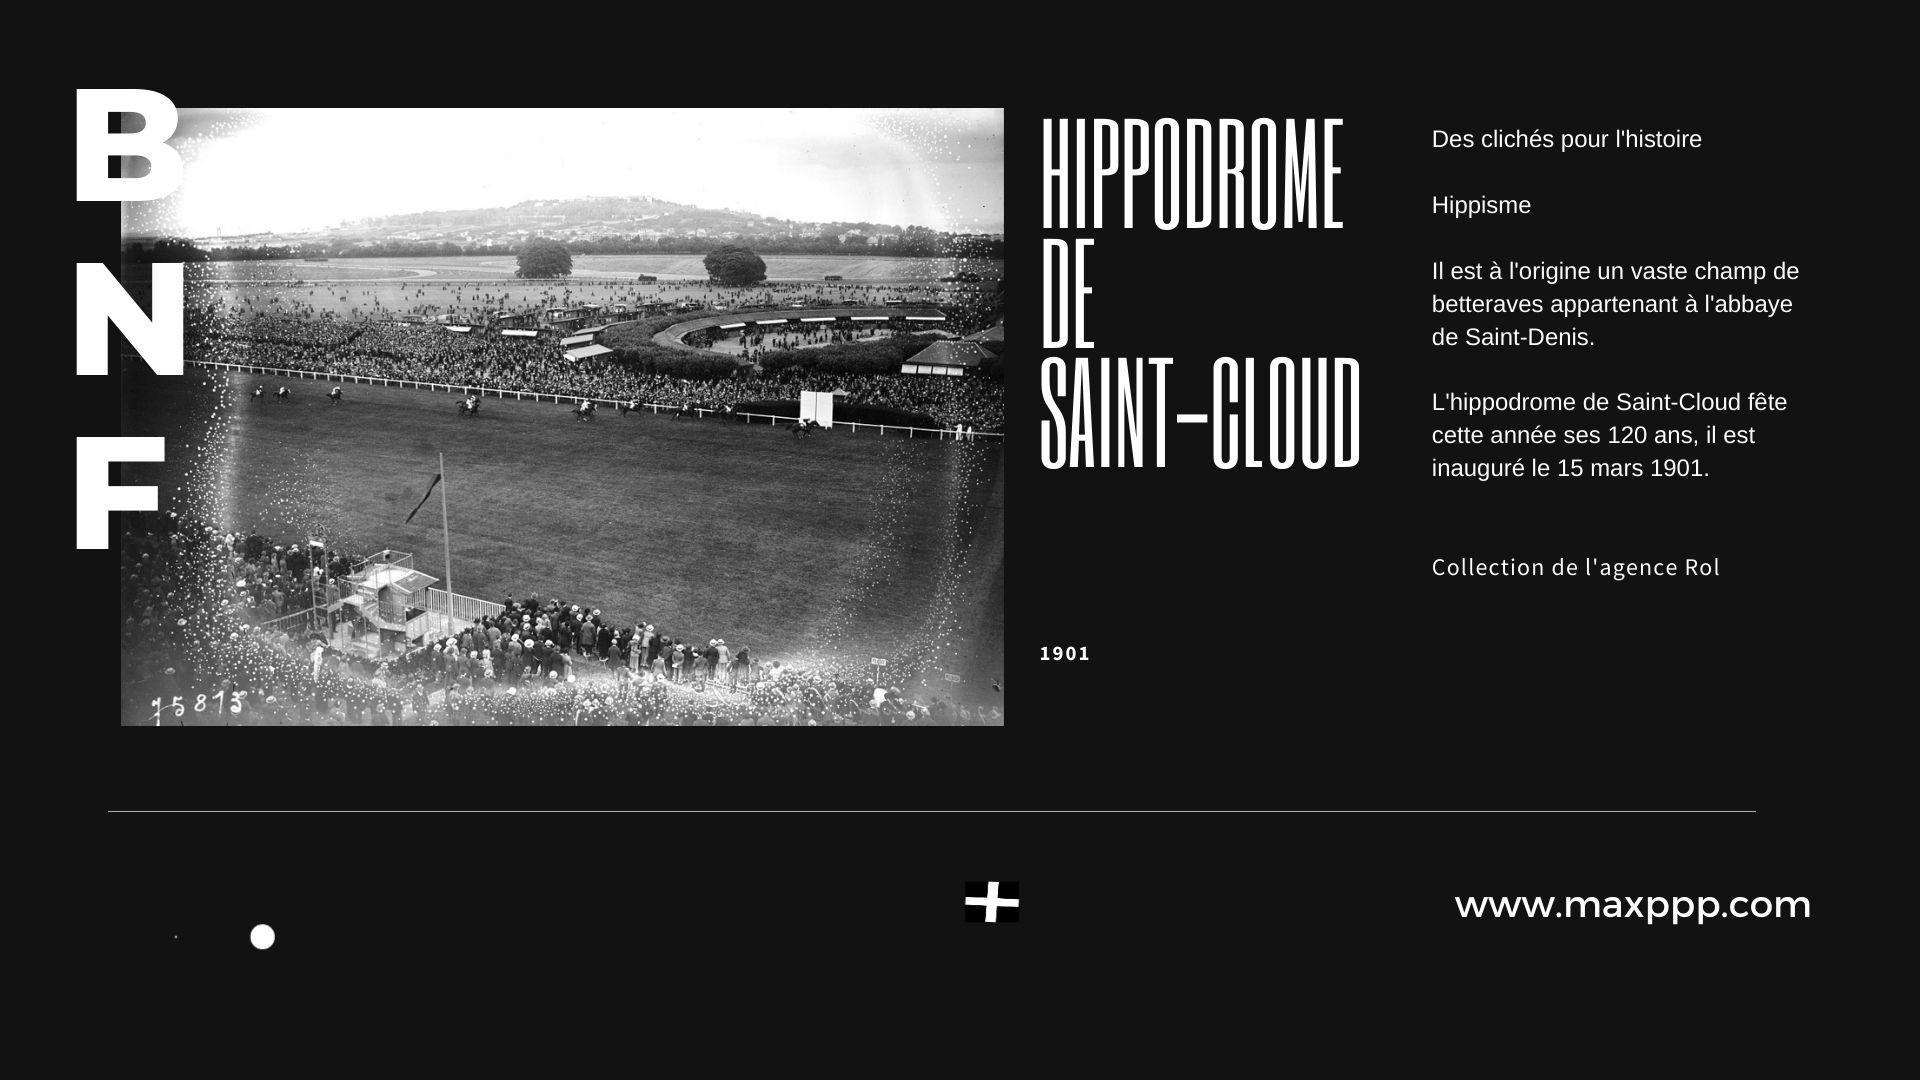 Hippodrome de Saint Cloud